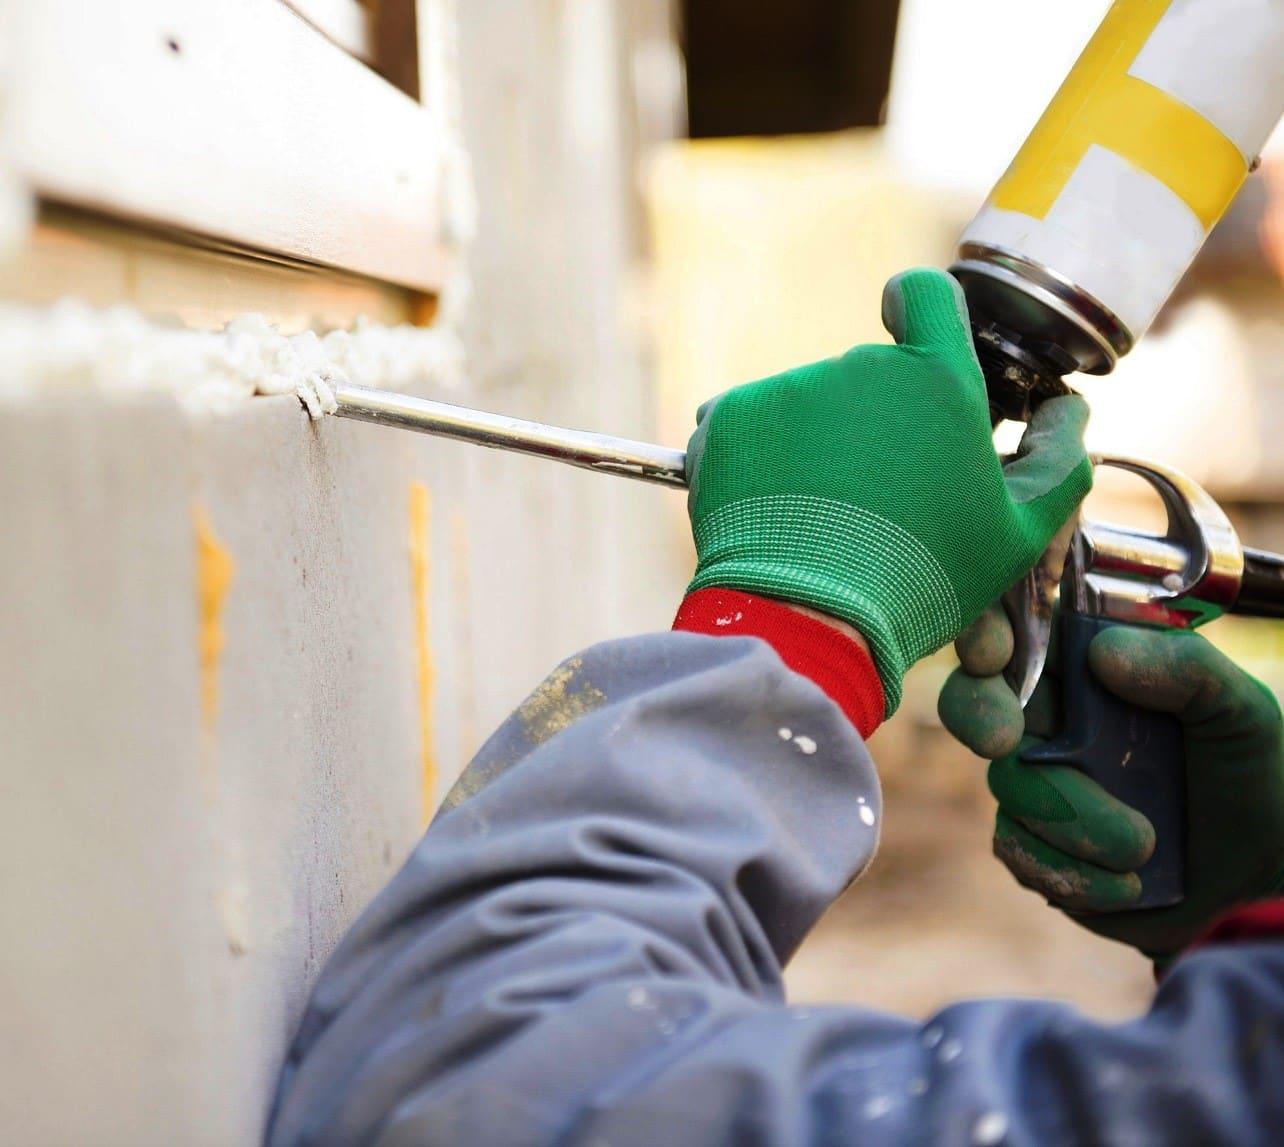 Безопасные и доступные составы, которые помогут избавиться от свежего слоя монтажной пены